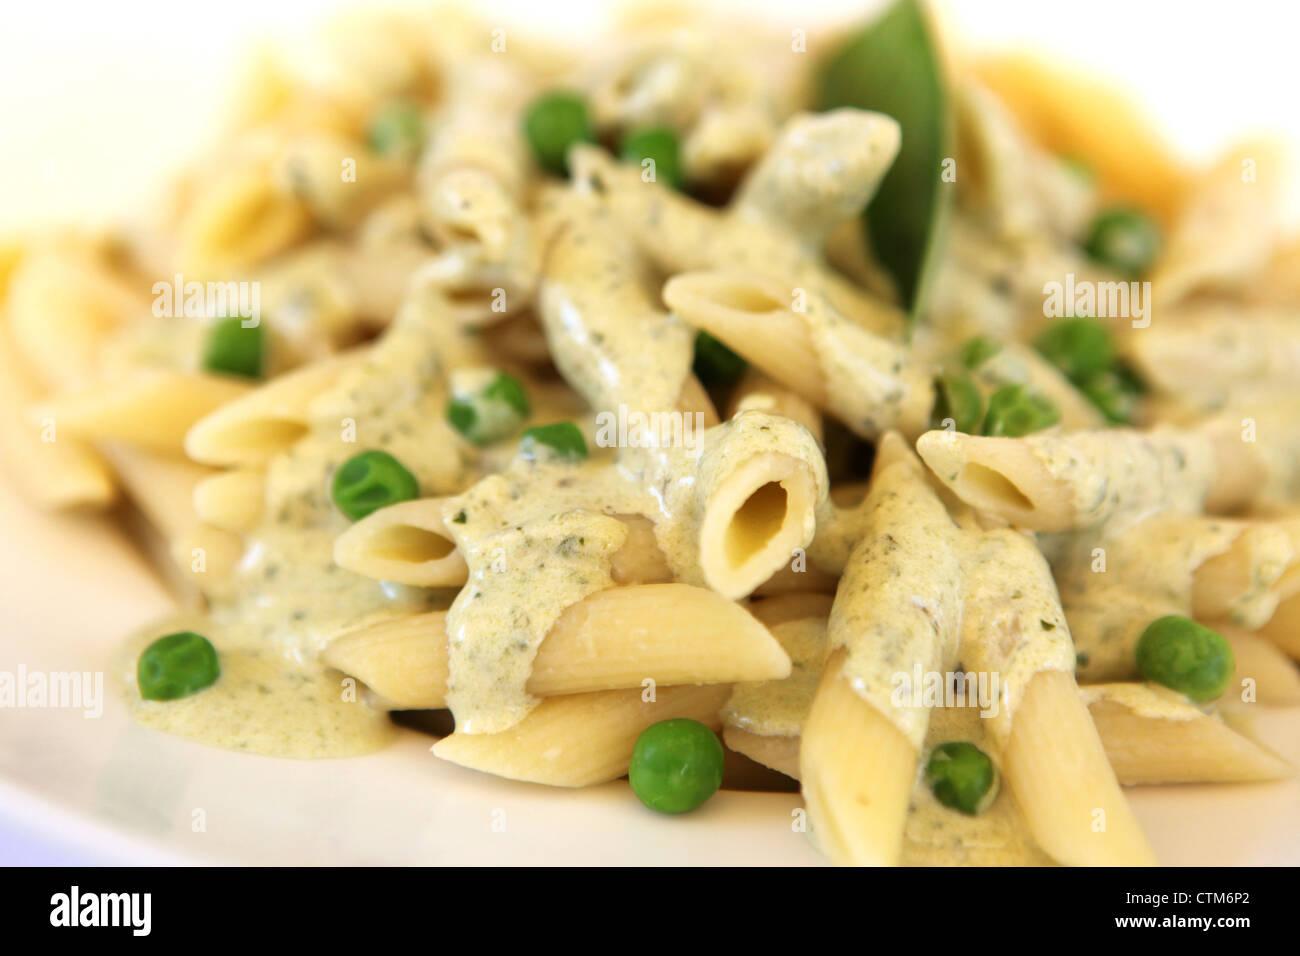 Une portion de pâtes penne avec des fines herbes et fromage Photo Stock